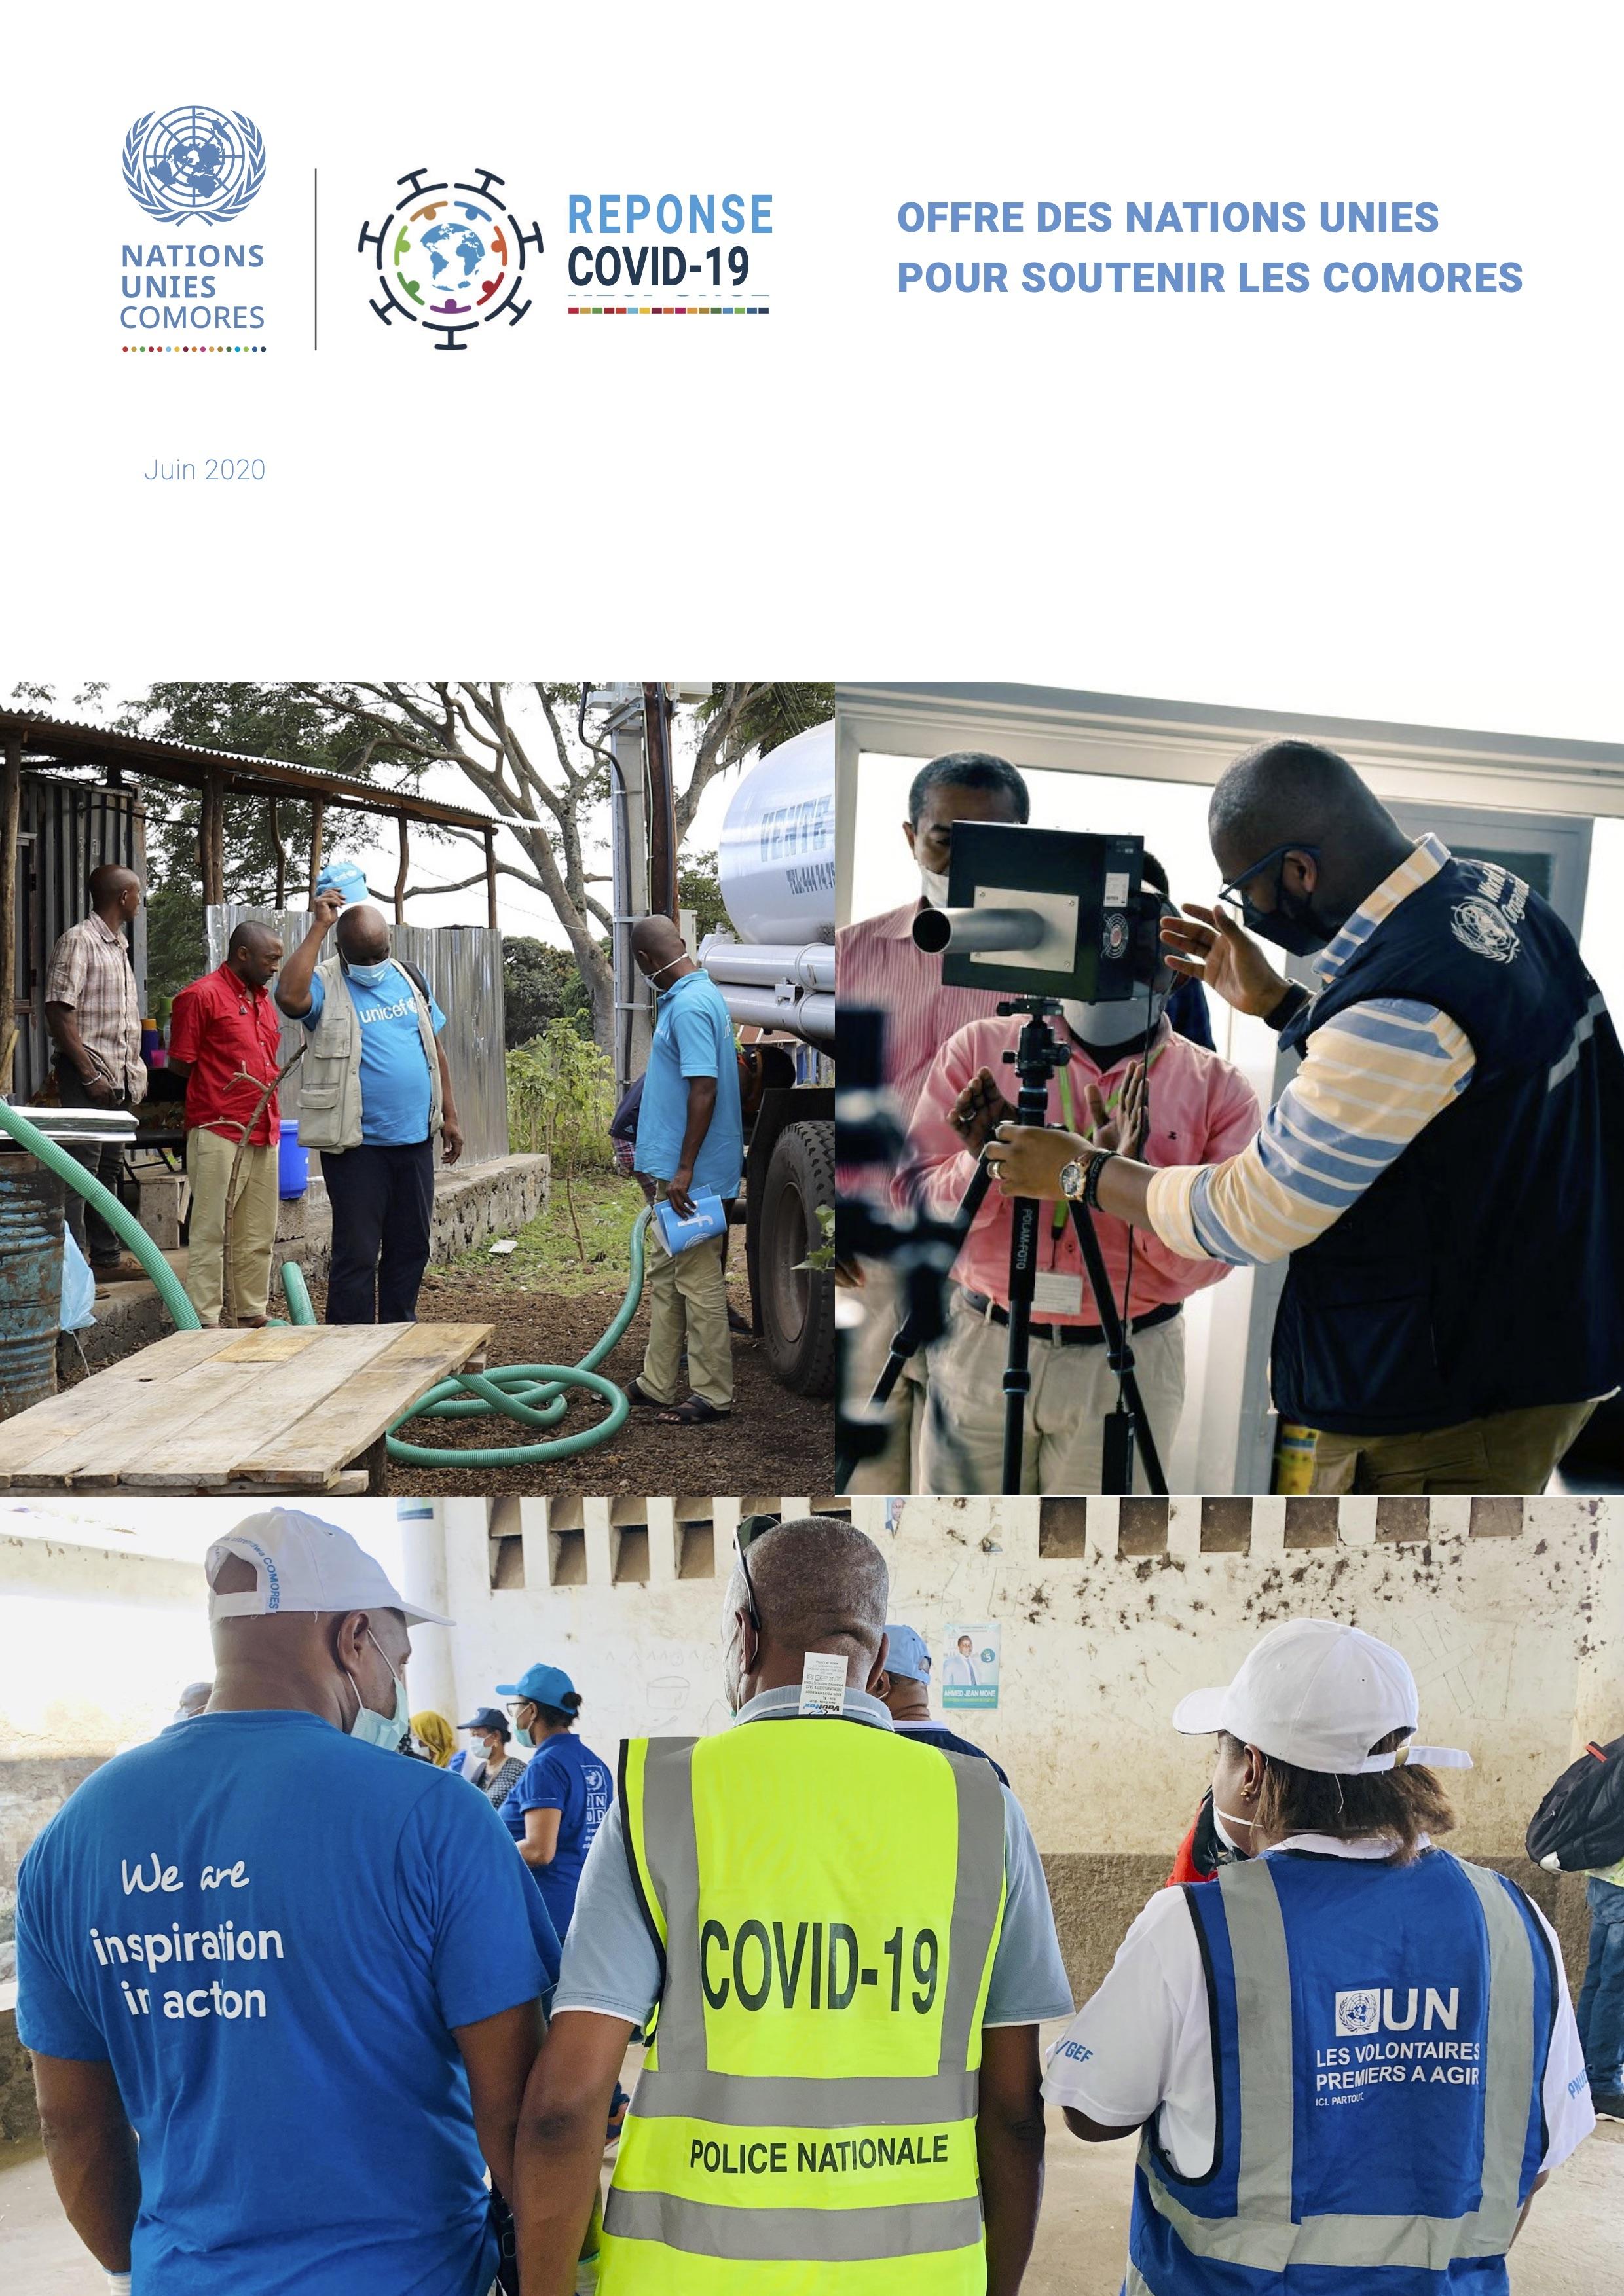 Offre des Nations Unies pour soutenir les Comores dans la pandémie COVID-19